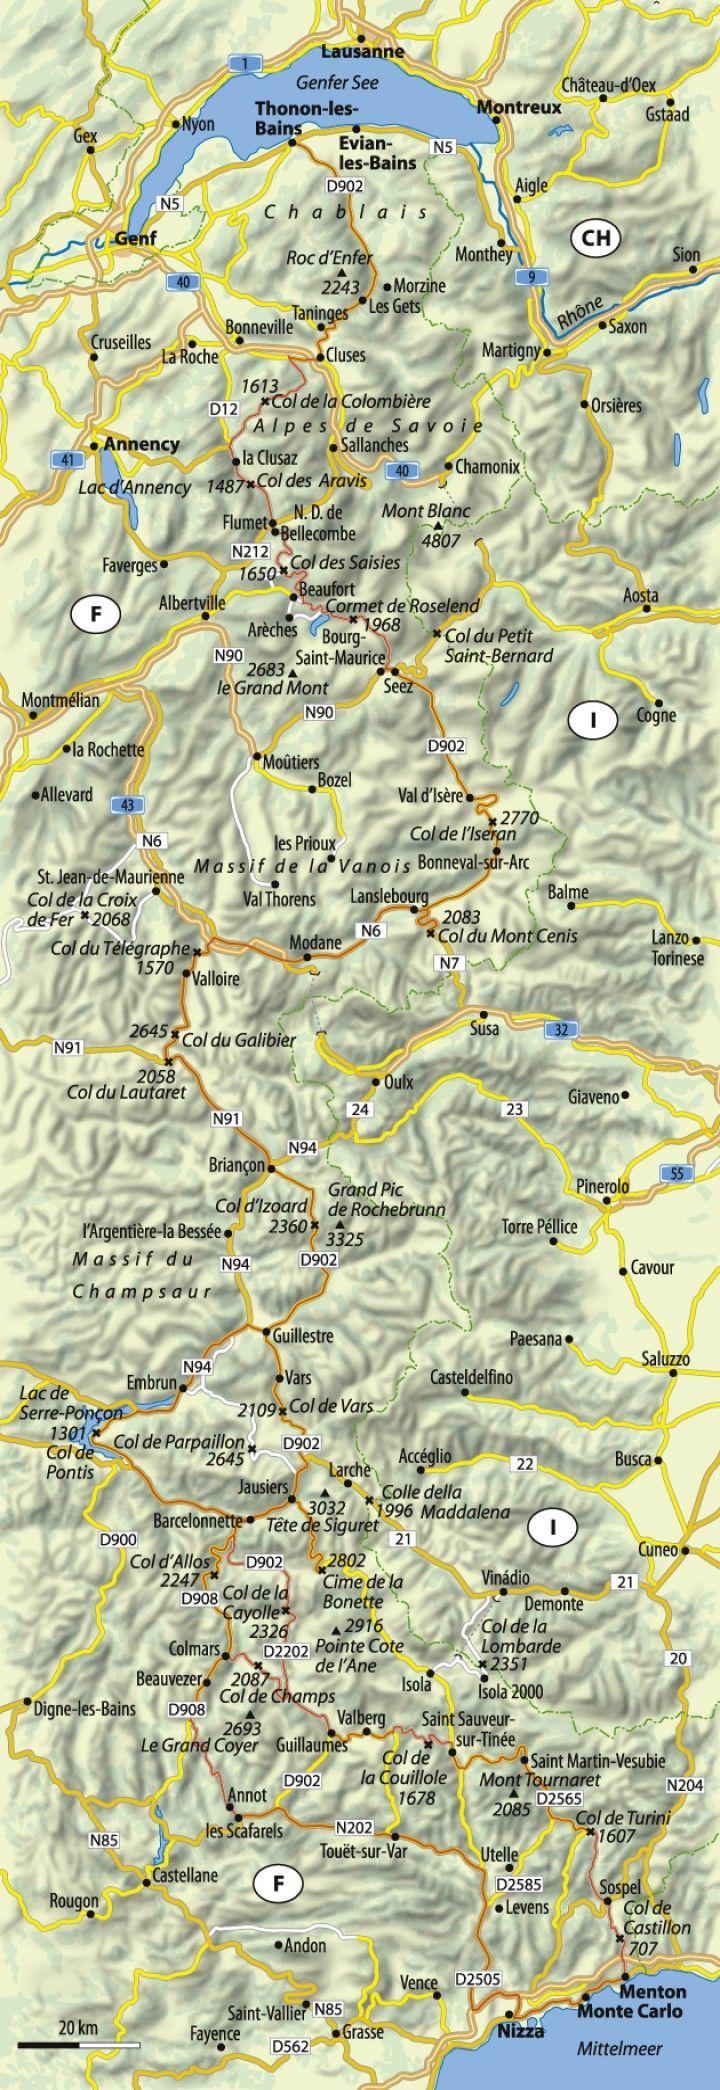 Motorradreise Frankreich X2f Route Des Grandes Alpes Im Hohenrausch Motorradreise Route Des Grandes Alpes Frankreich